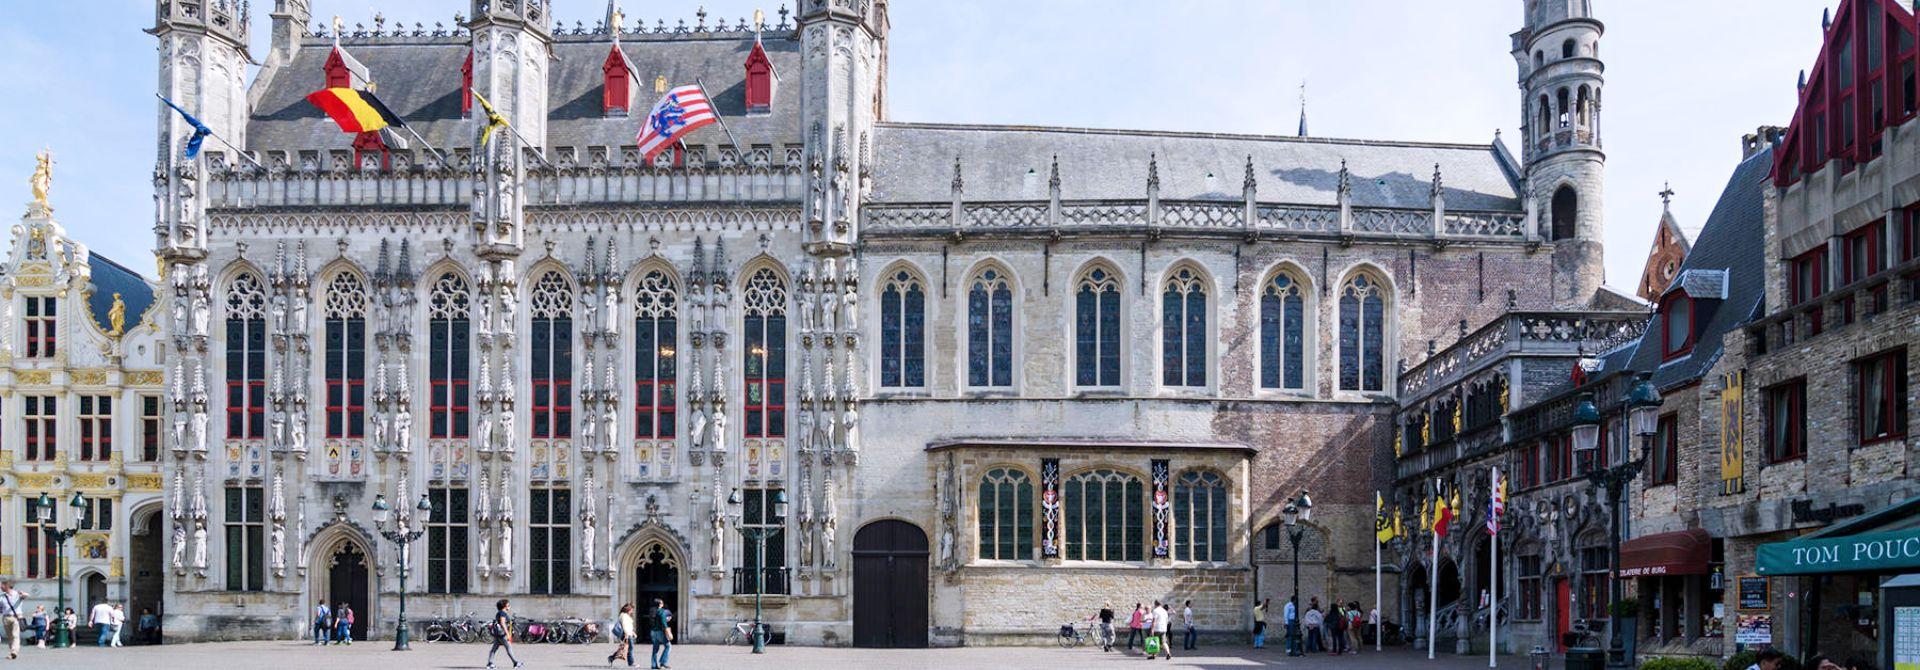 Bruges Burg Square Hero